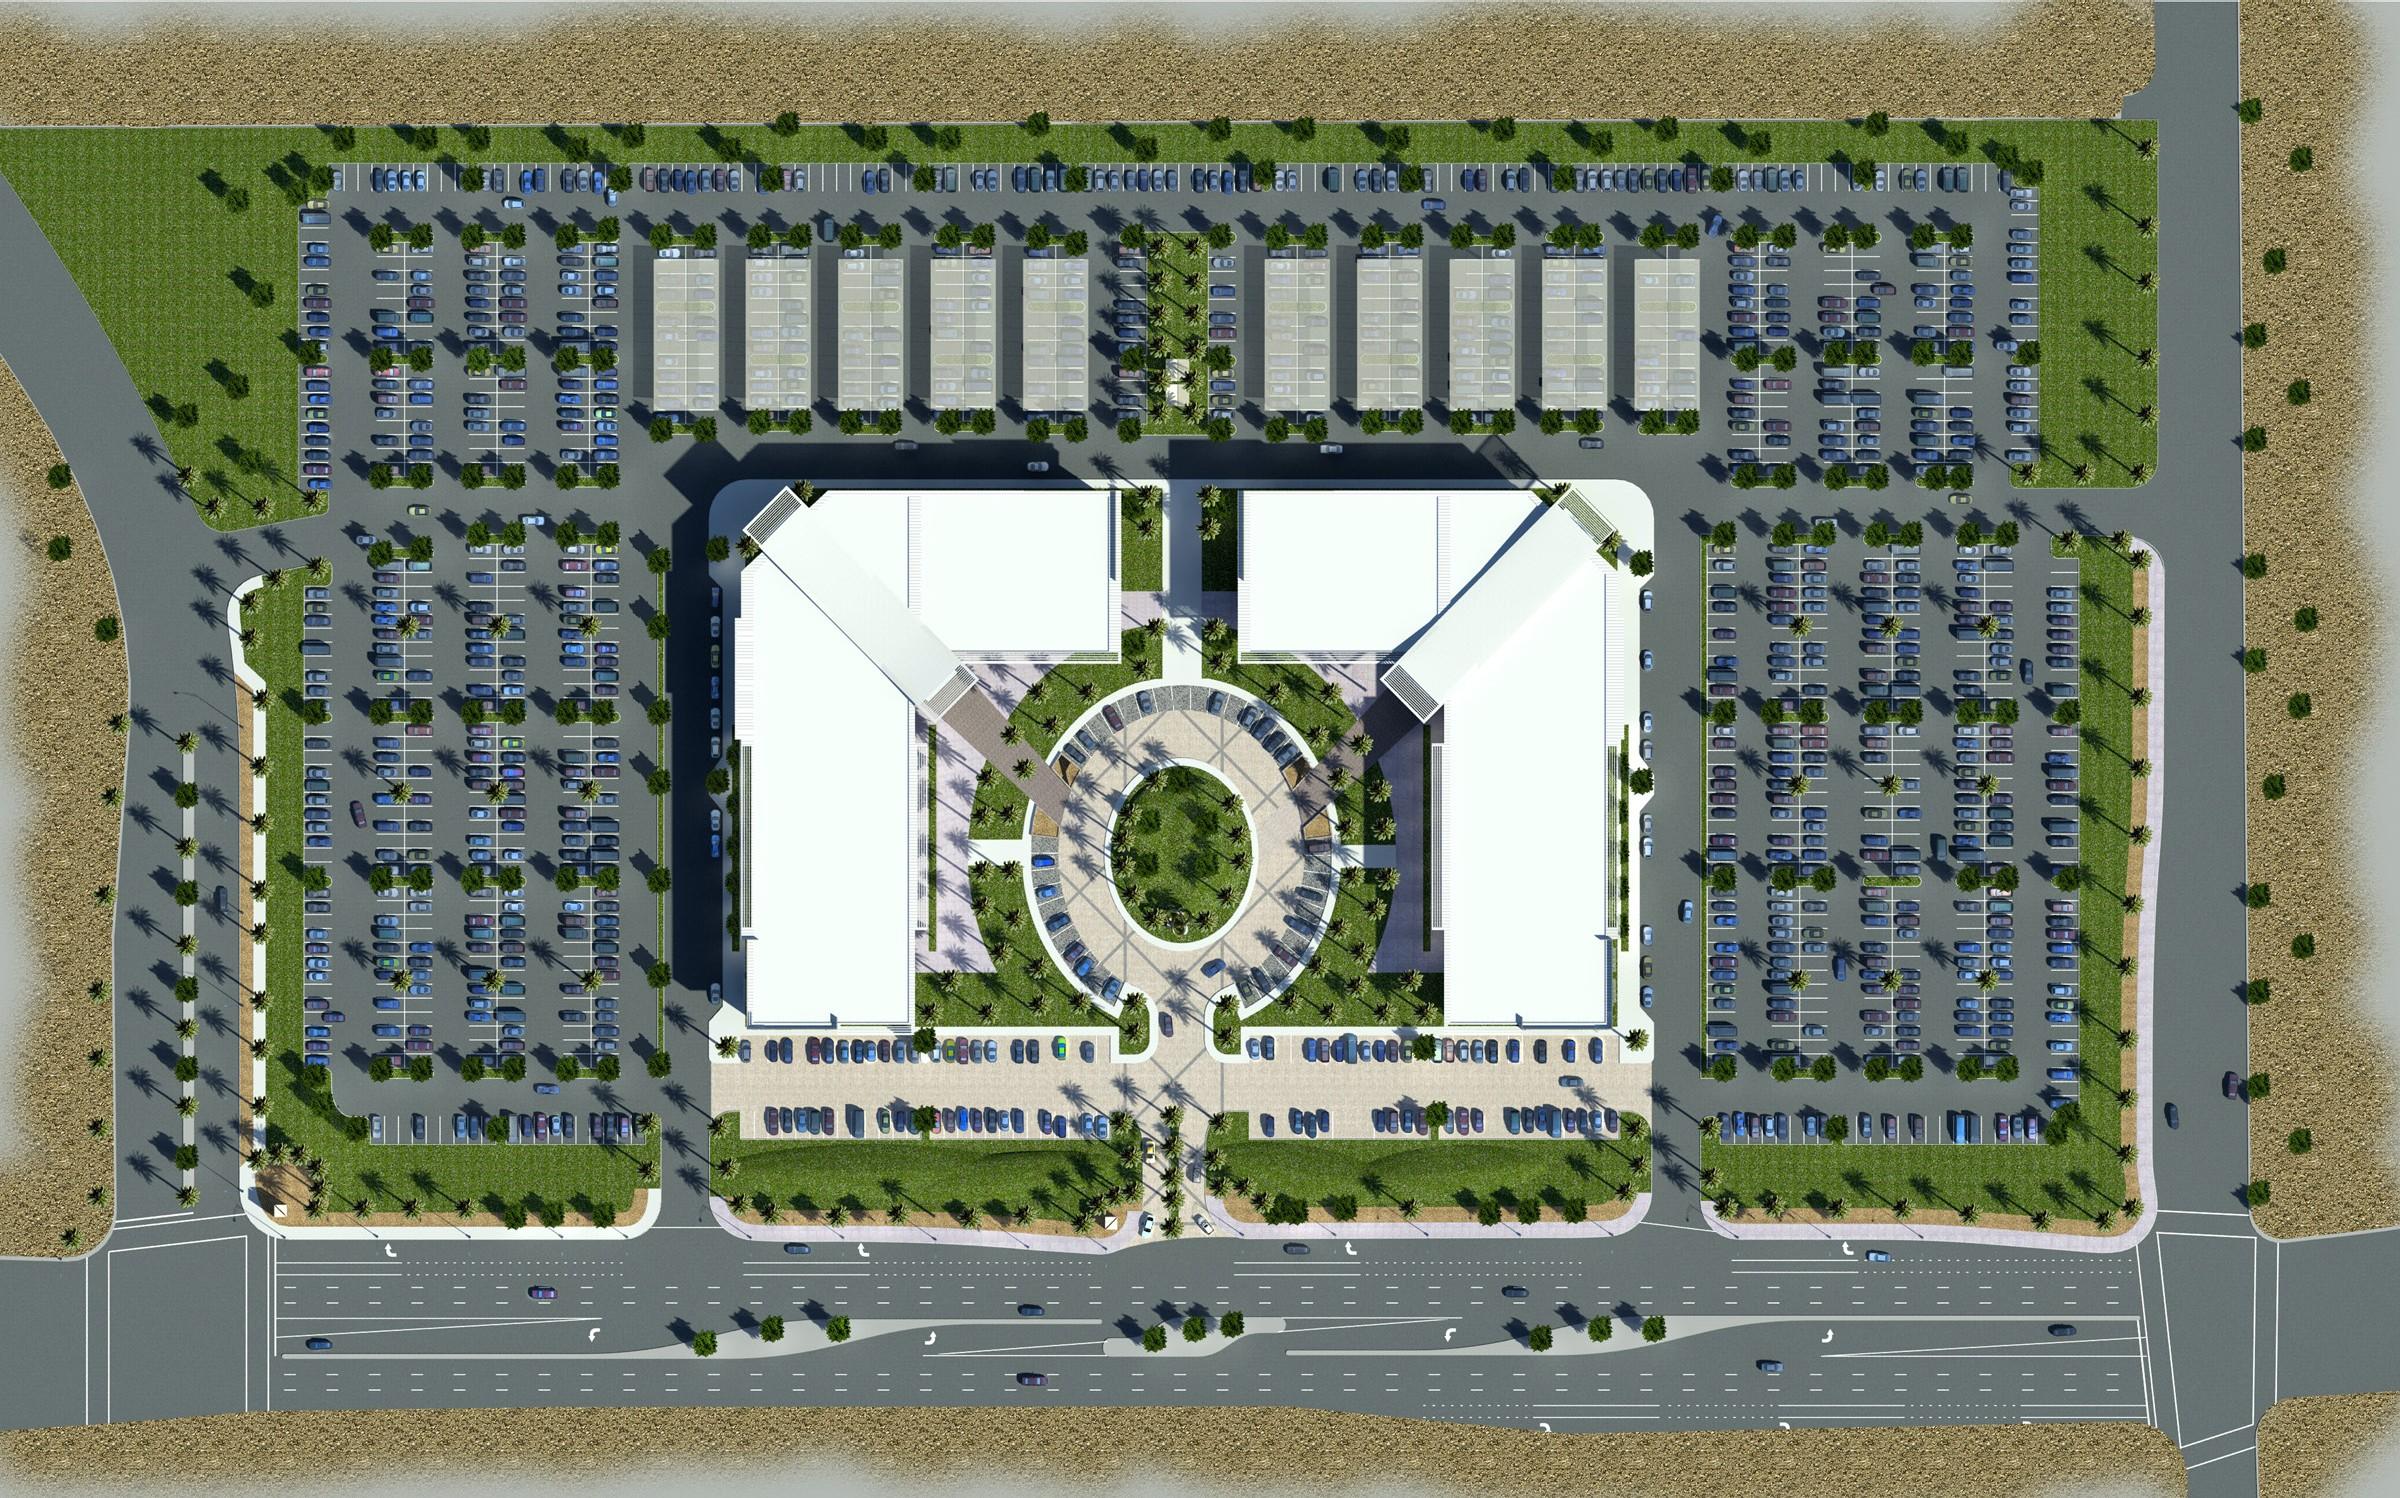 Park Place Aerial Final 2_09_2012